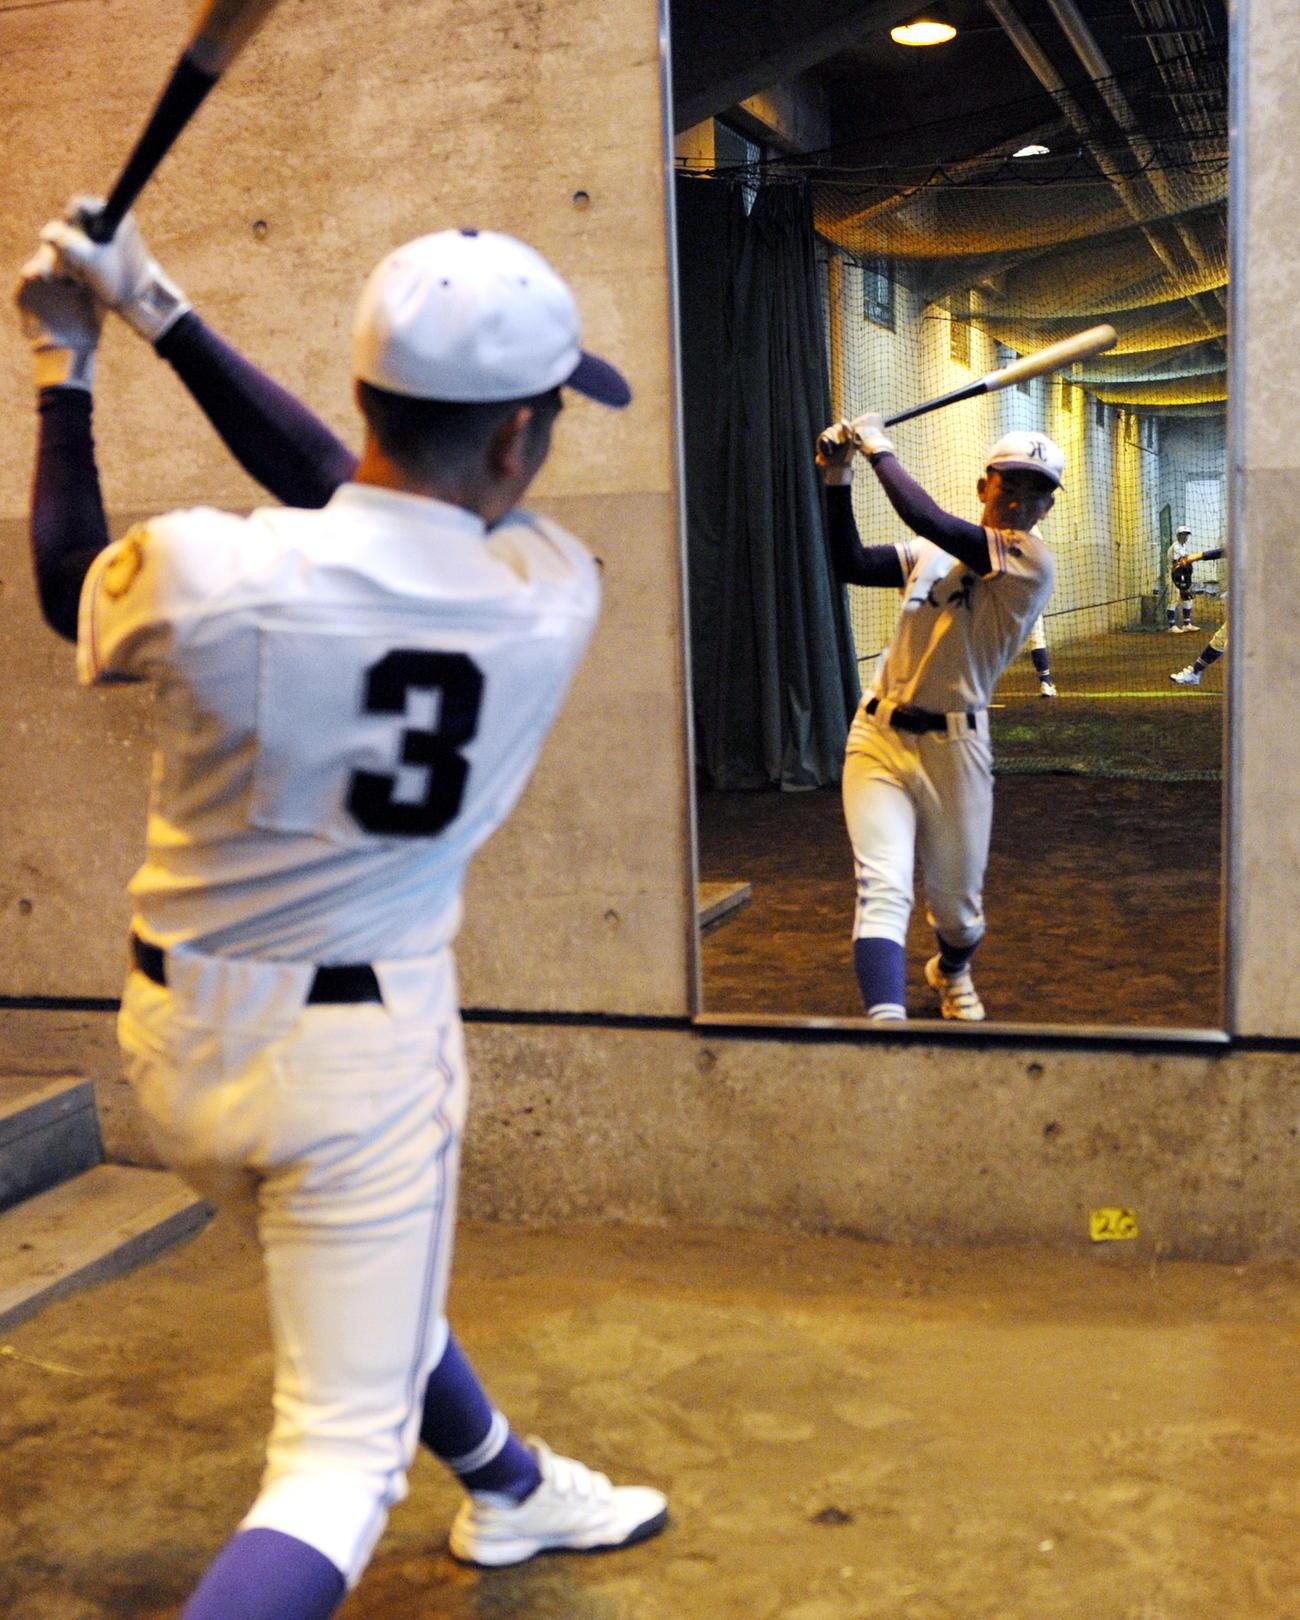 初戦が雨天順延になった不来方の羽沢主将は岩手県営野球場・室内練習場の鏡の前で素振りする